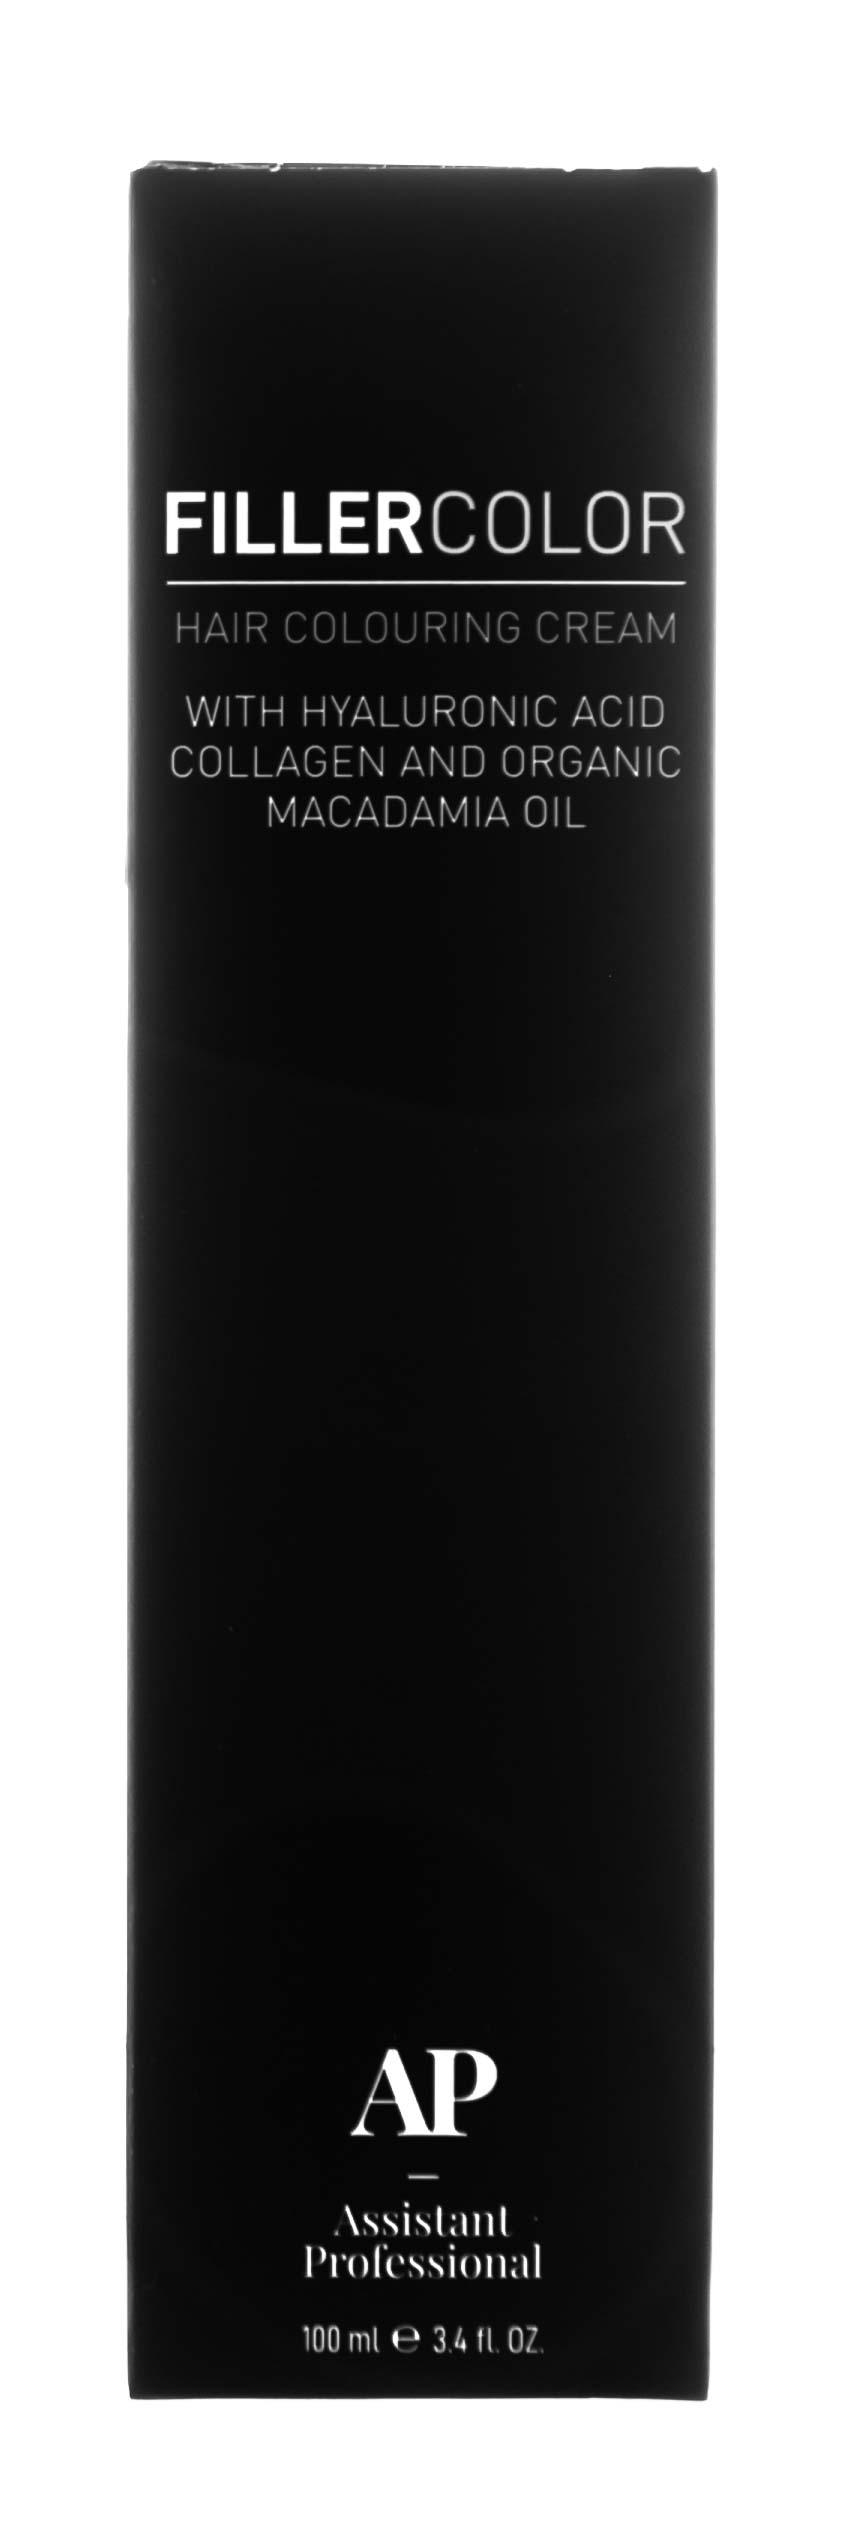 Купить Assistant Professional Краска-филлер Filler Color, 100 мл (Assistant Professional, Окрашивание), Италия